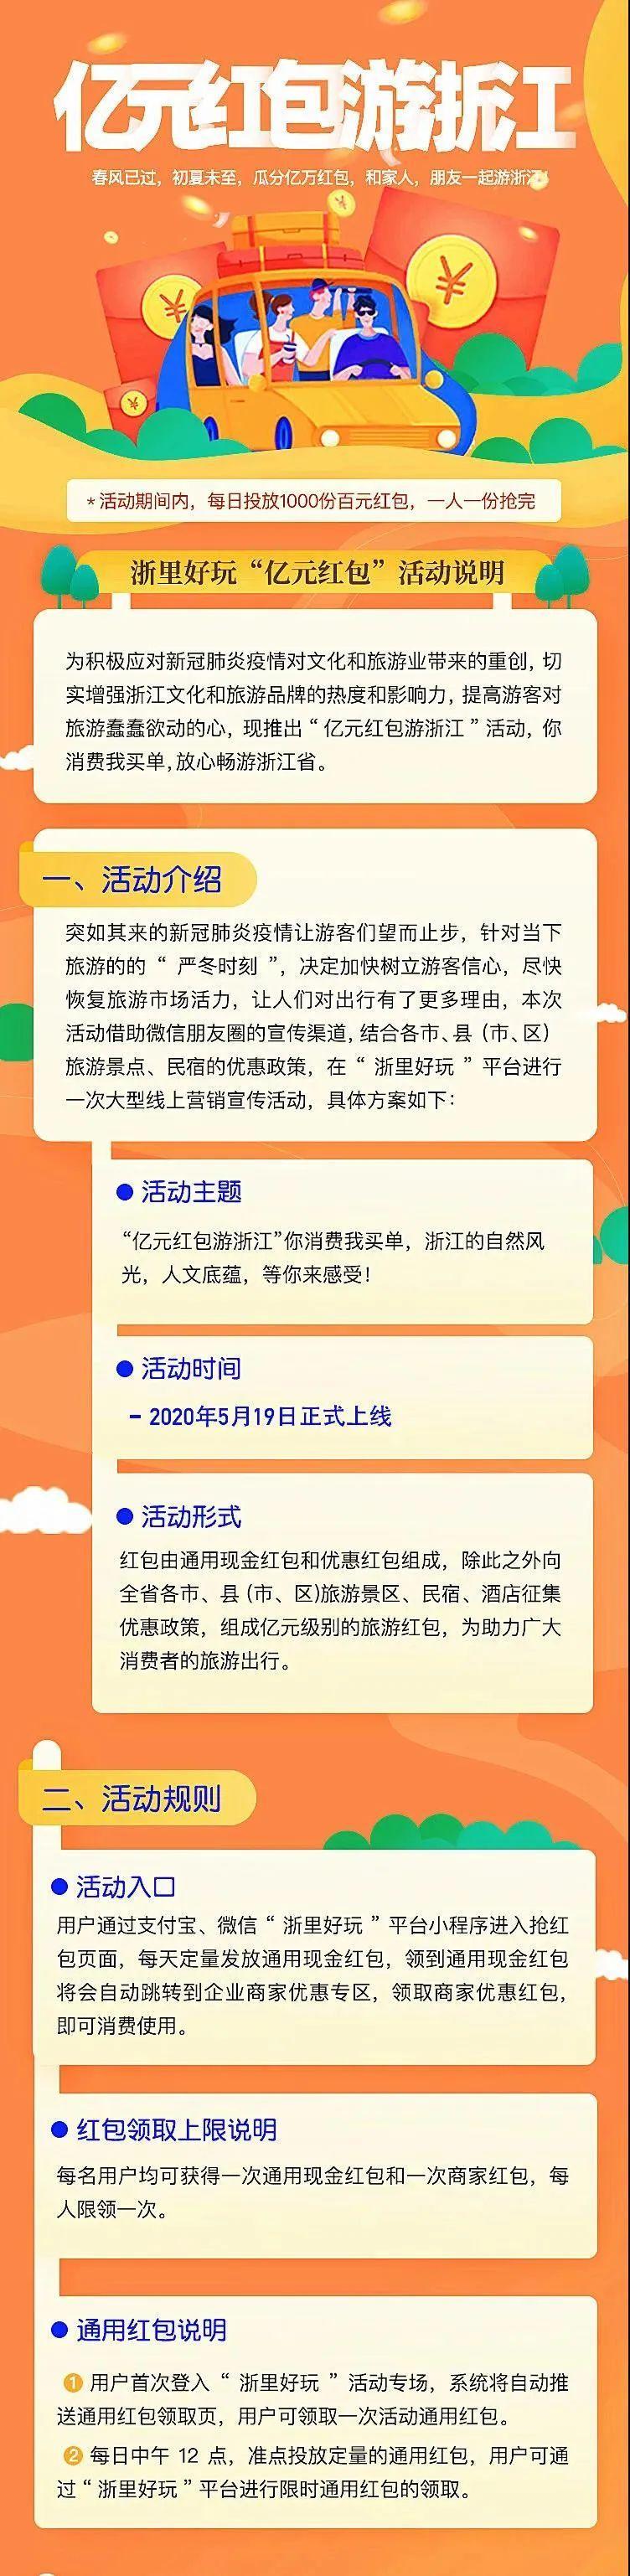 浙江狂撒2亿元旅游红包,每天中午12点记得准时抢!